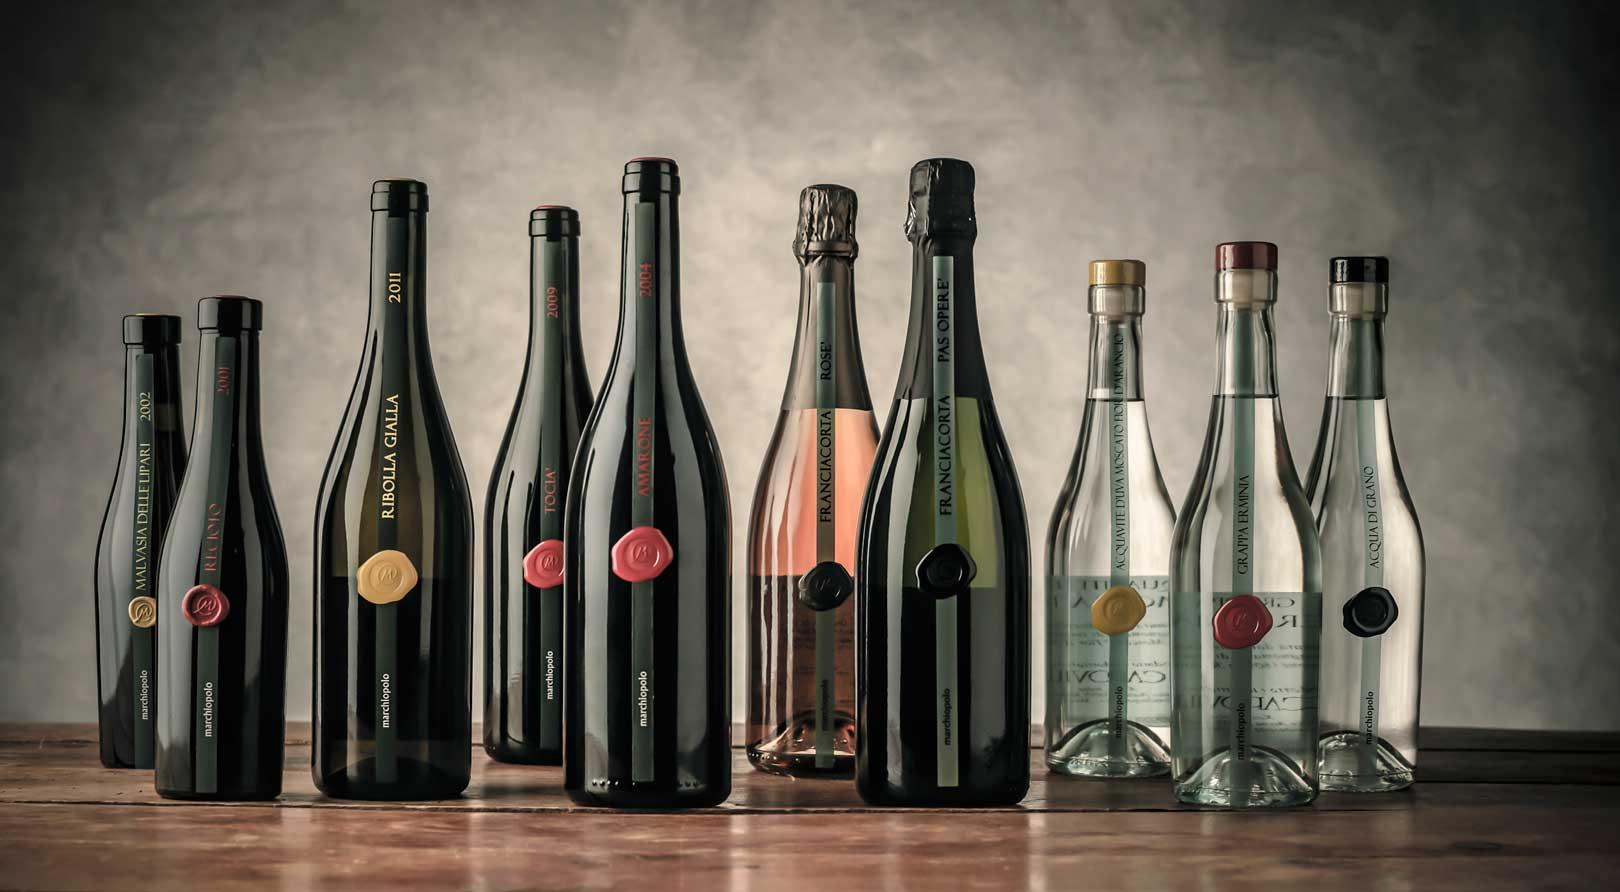 Selezione di bottiglie Marchiopolo